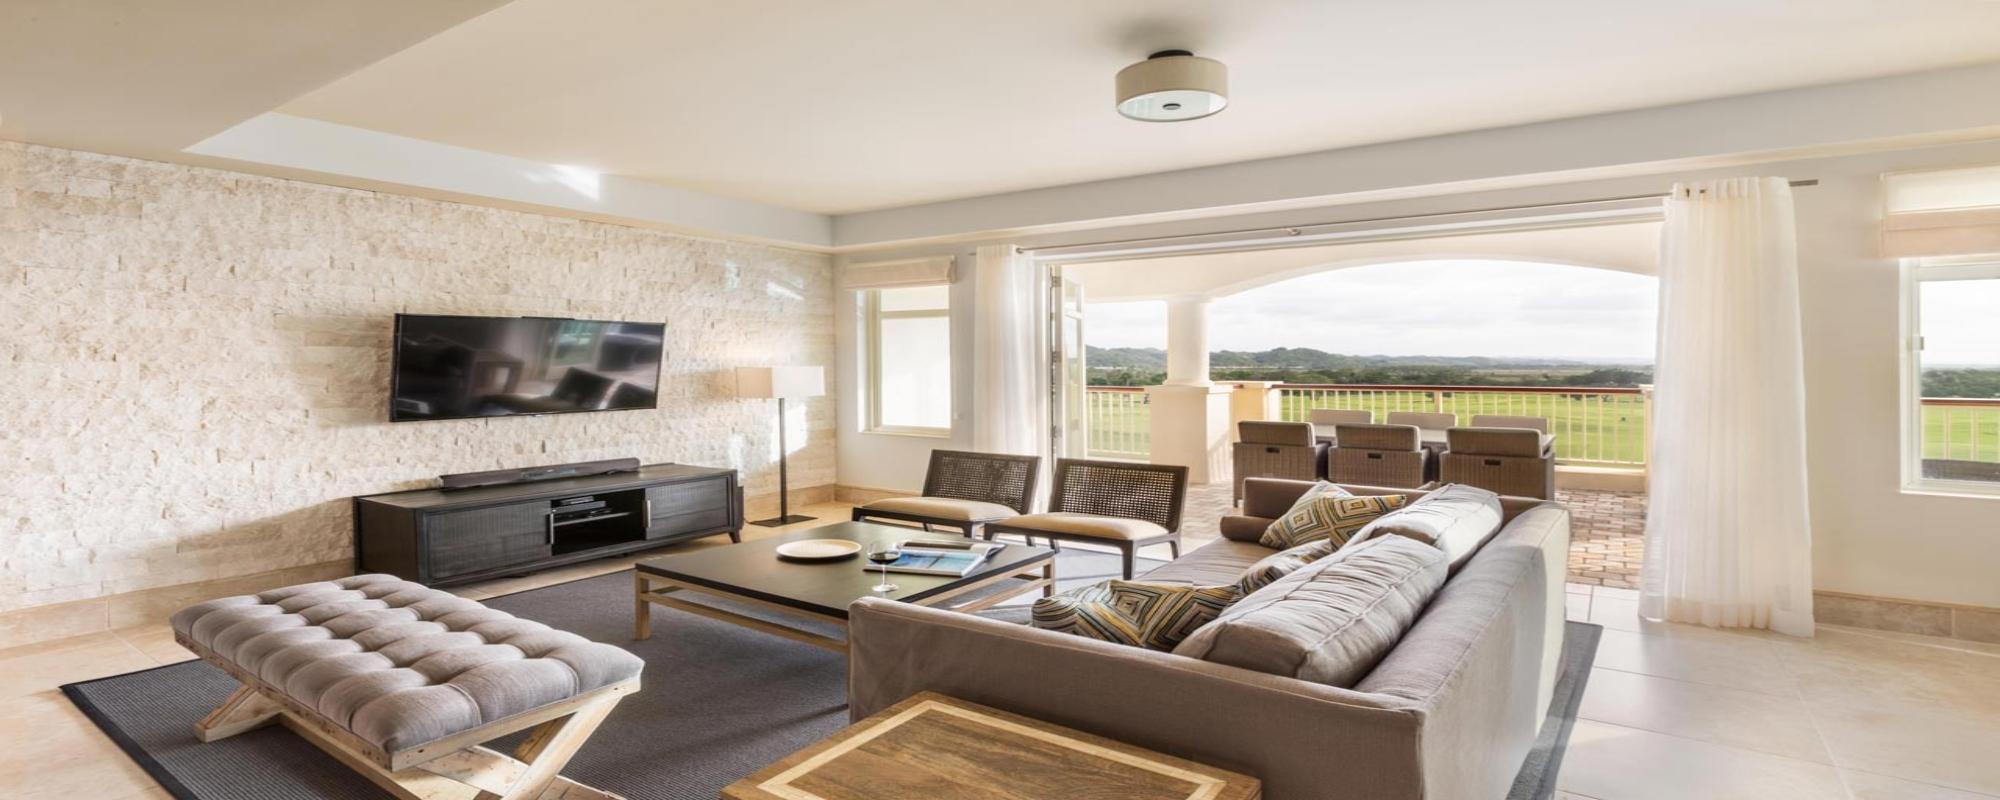 Estudio de Interiores: AD&V crea proyectos y diseños poderosos estudio de interiores Estudio de Interiores: AD&V crea proyectos y diseños poderosos Featured